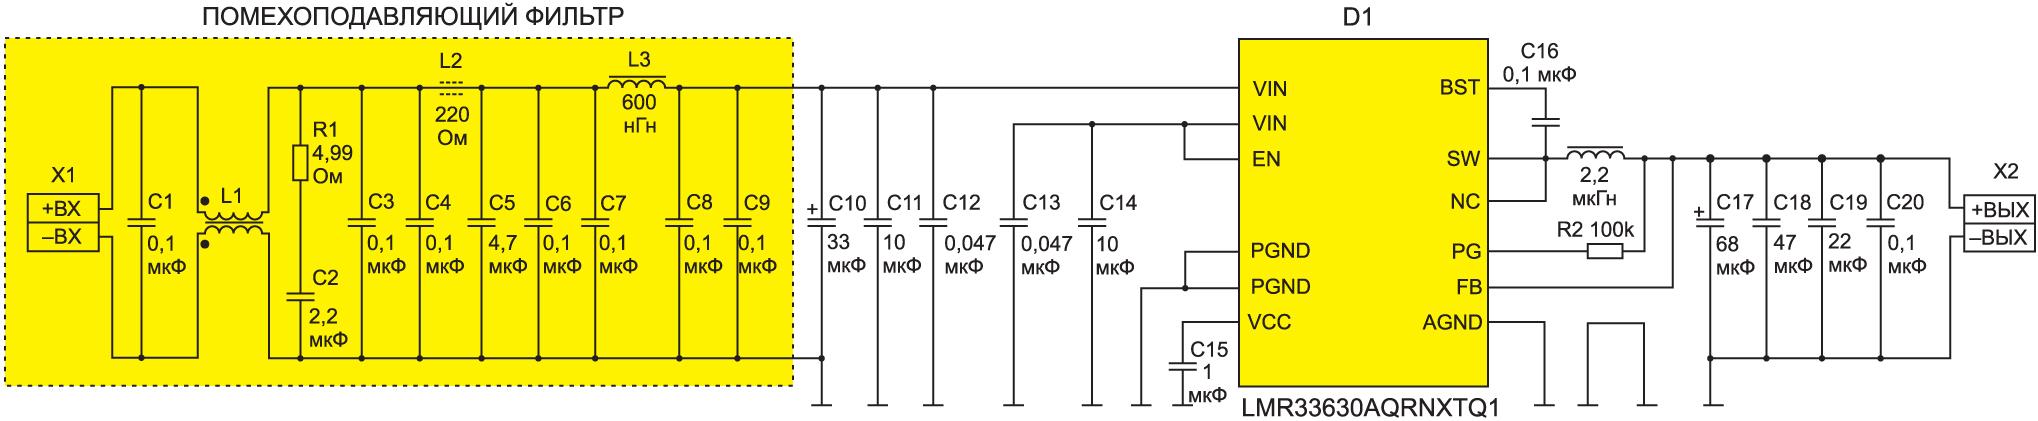 Пример схемы использования неизолированного понижающего преобразователя LMR33630-Q1 совместно с помехоподавляющим фильтром